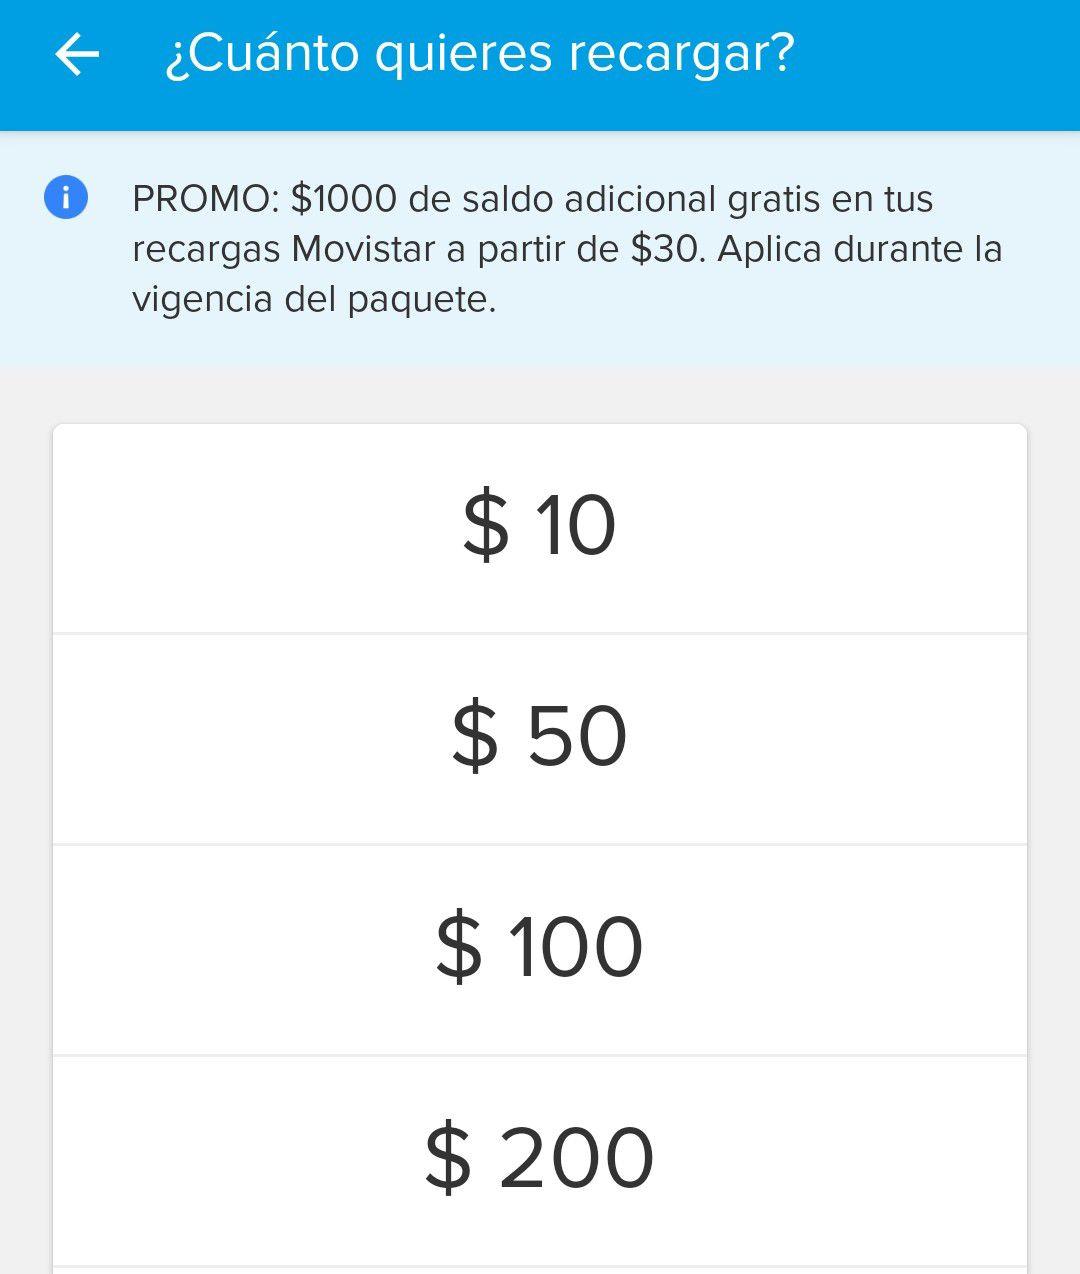 Mercad Pago: Movistar: Recarga $30 y recibe $1000 de regalo (usuarios seleccionados)